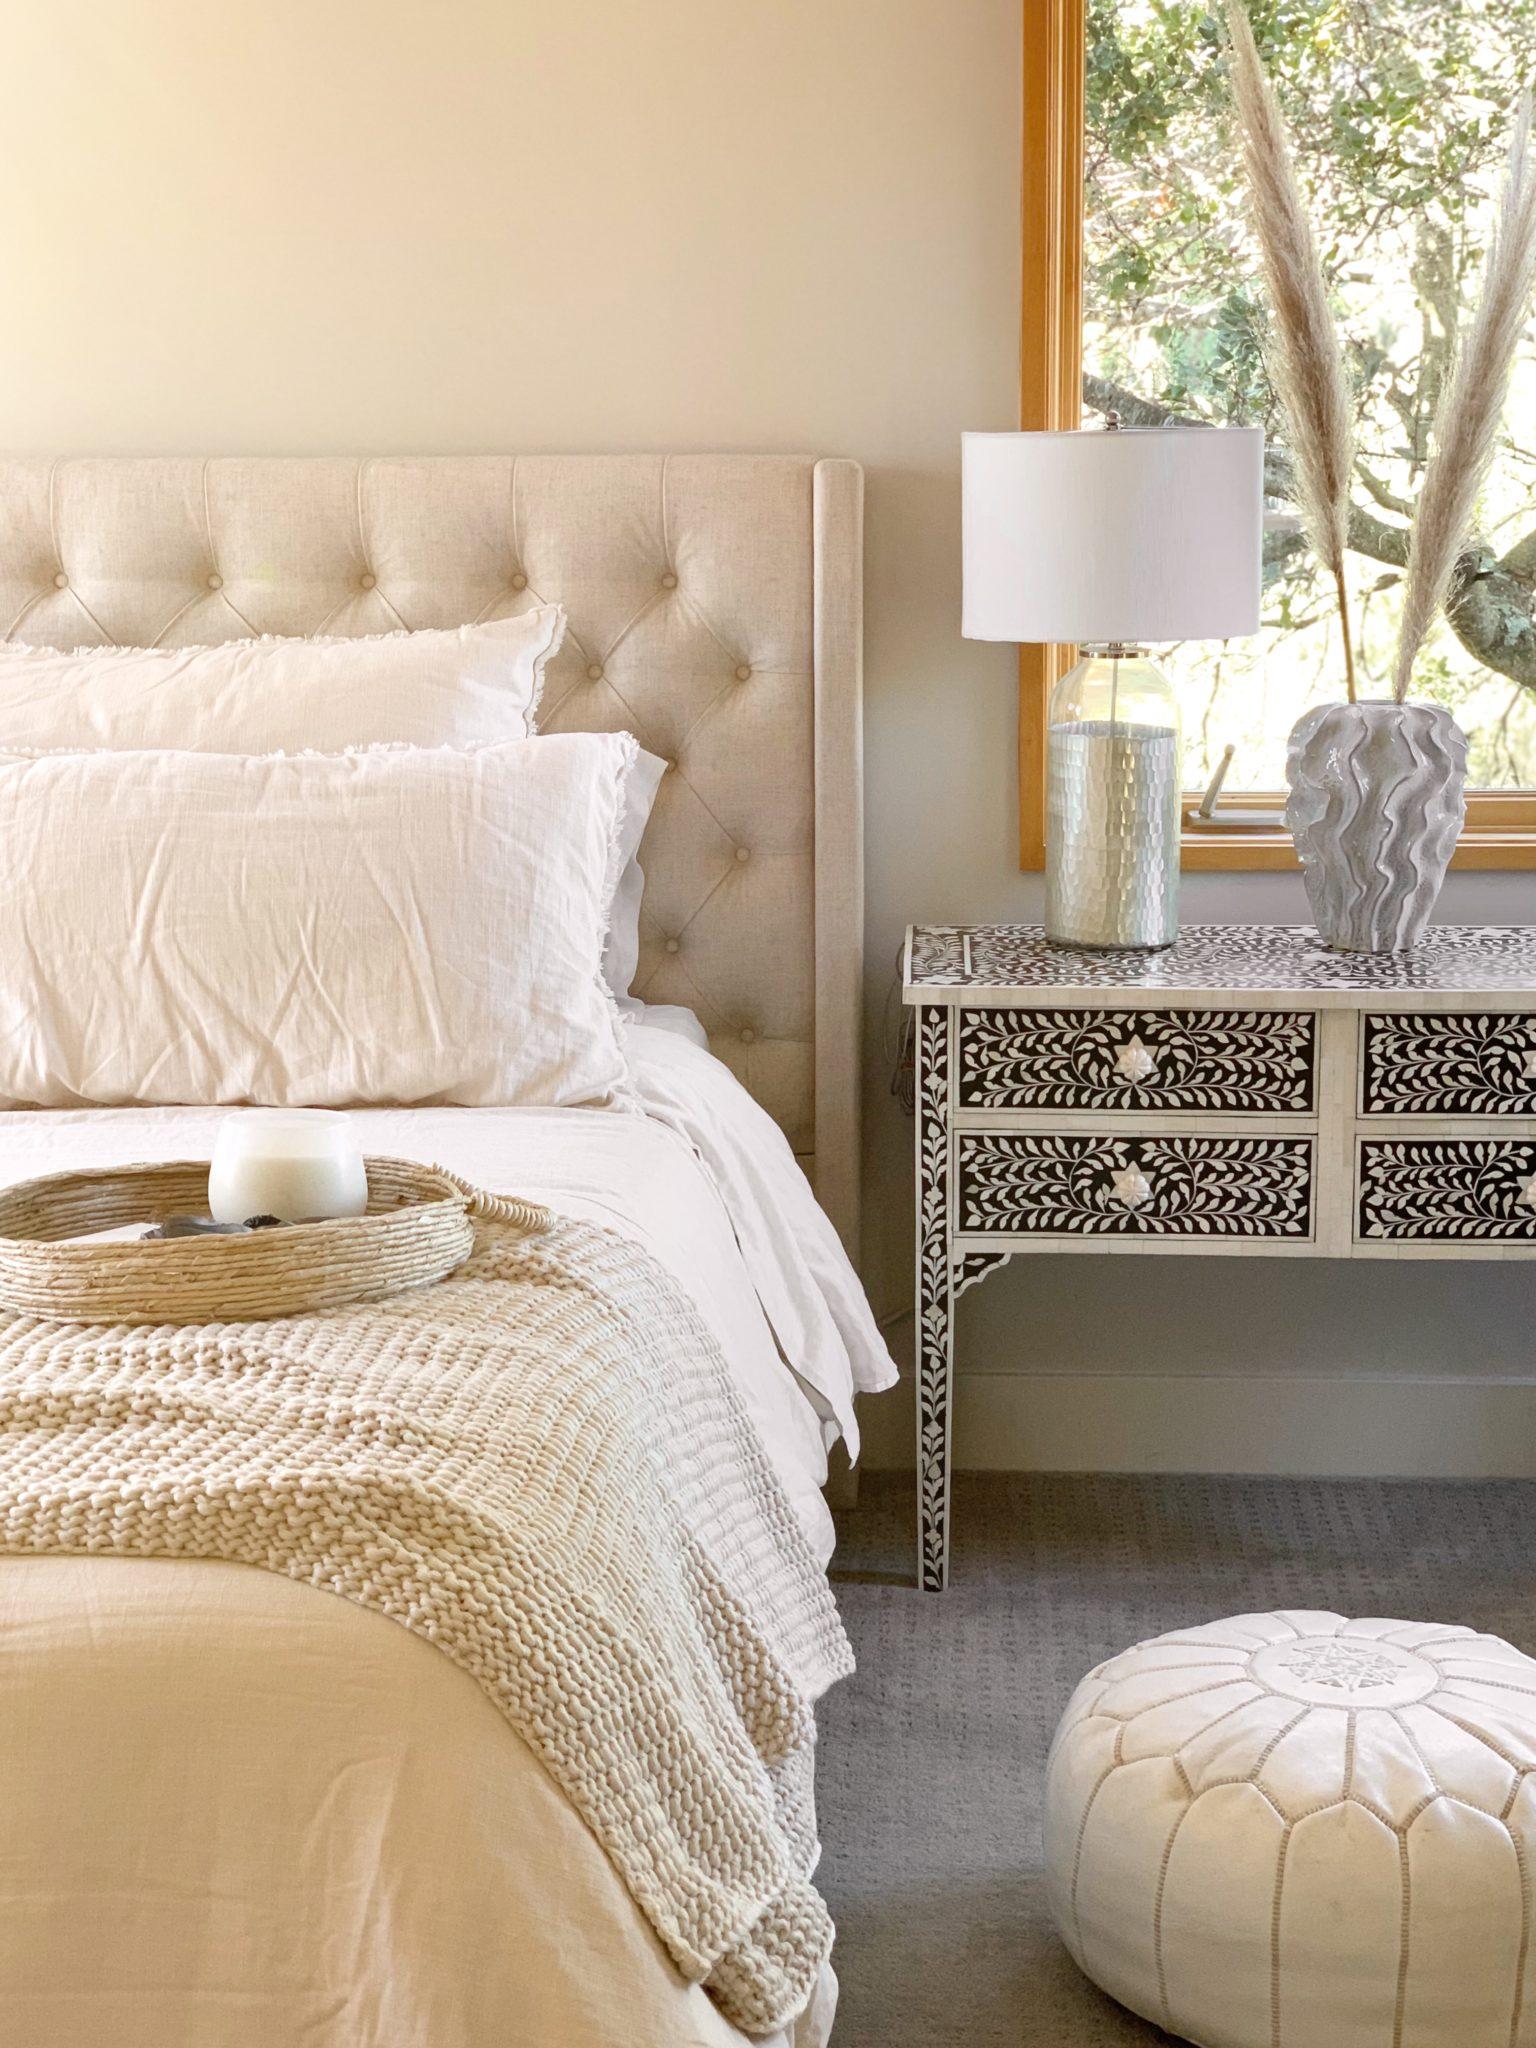 casaluna bedding